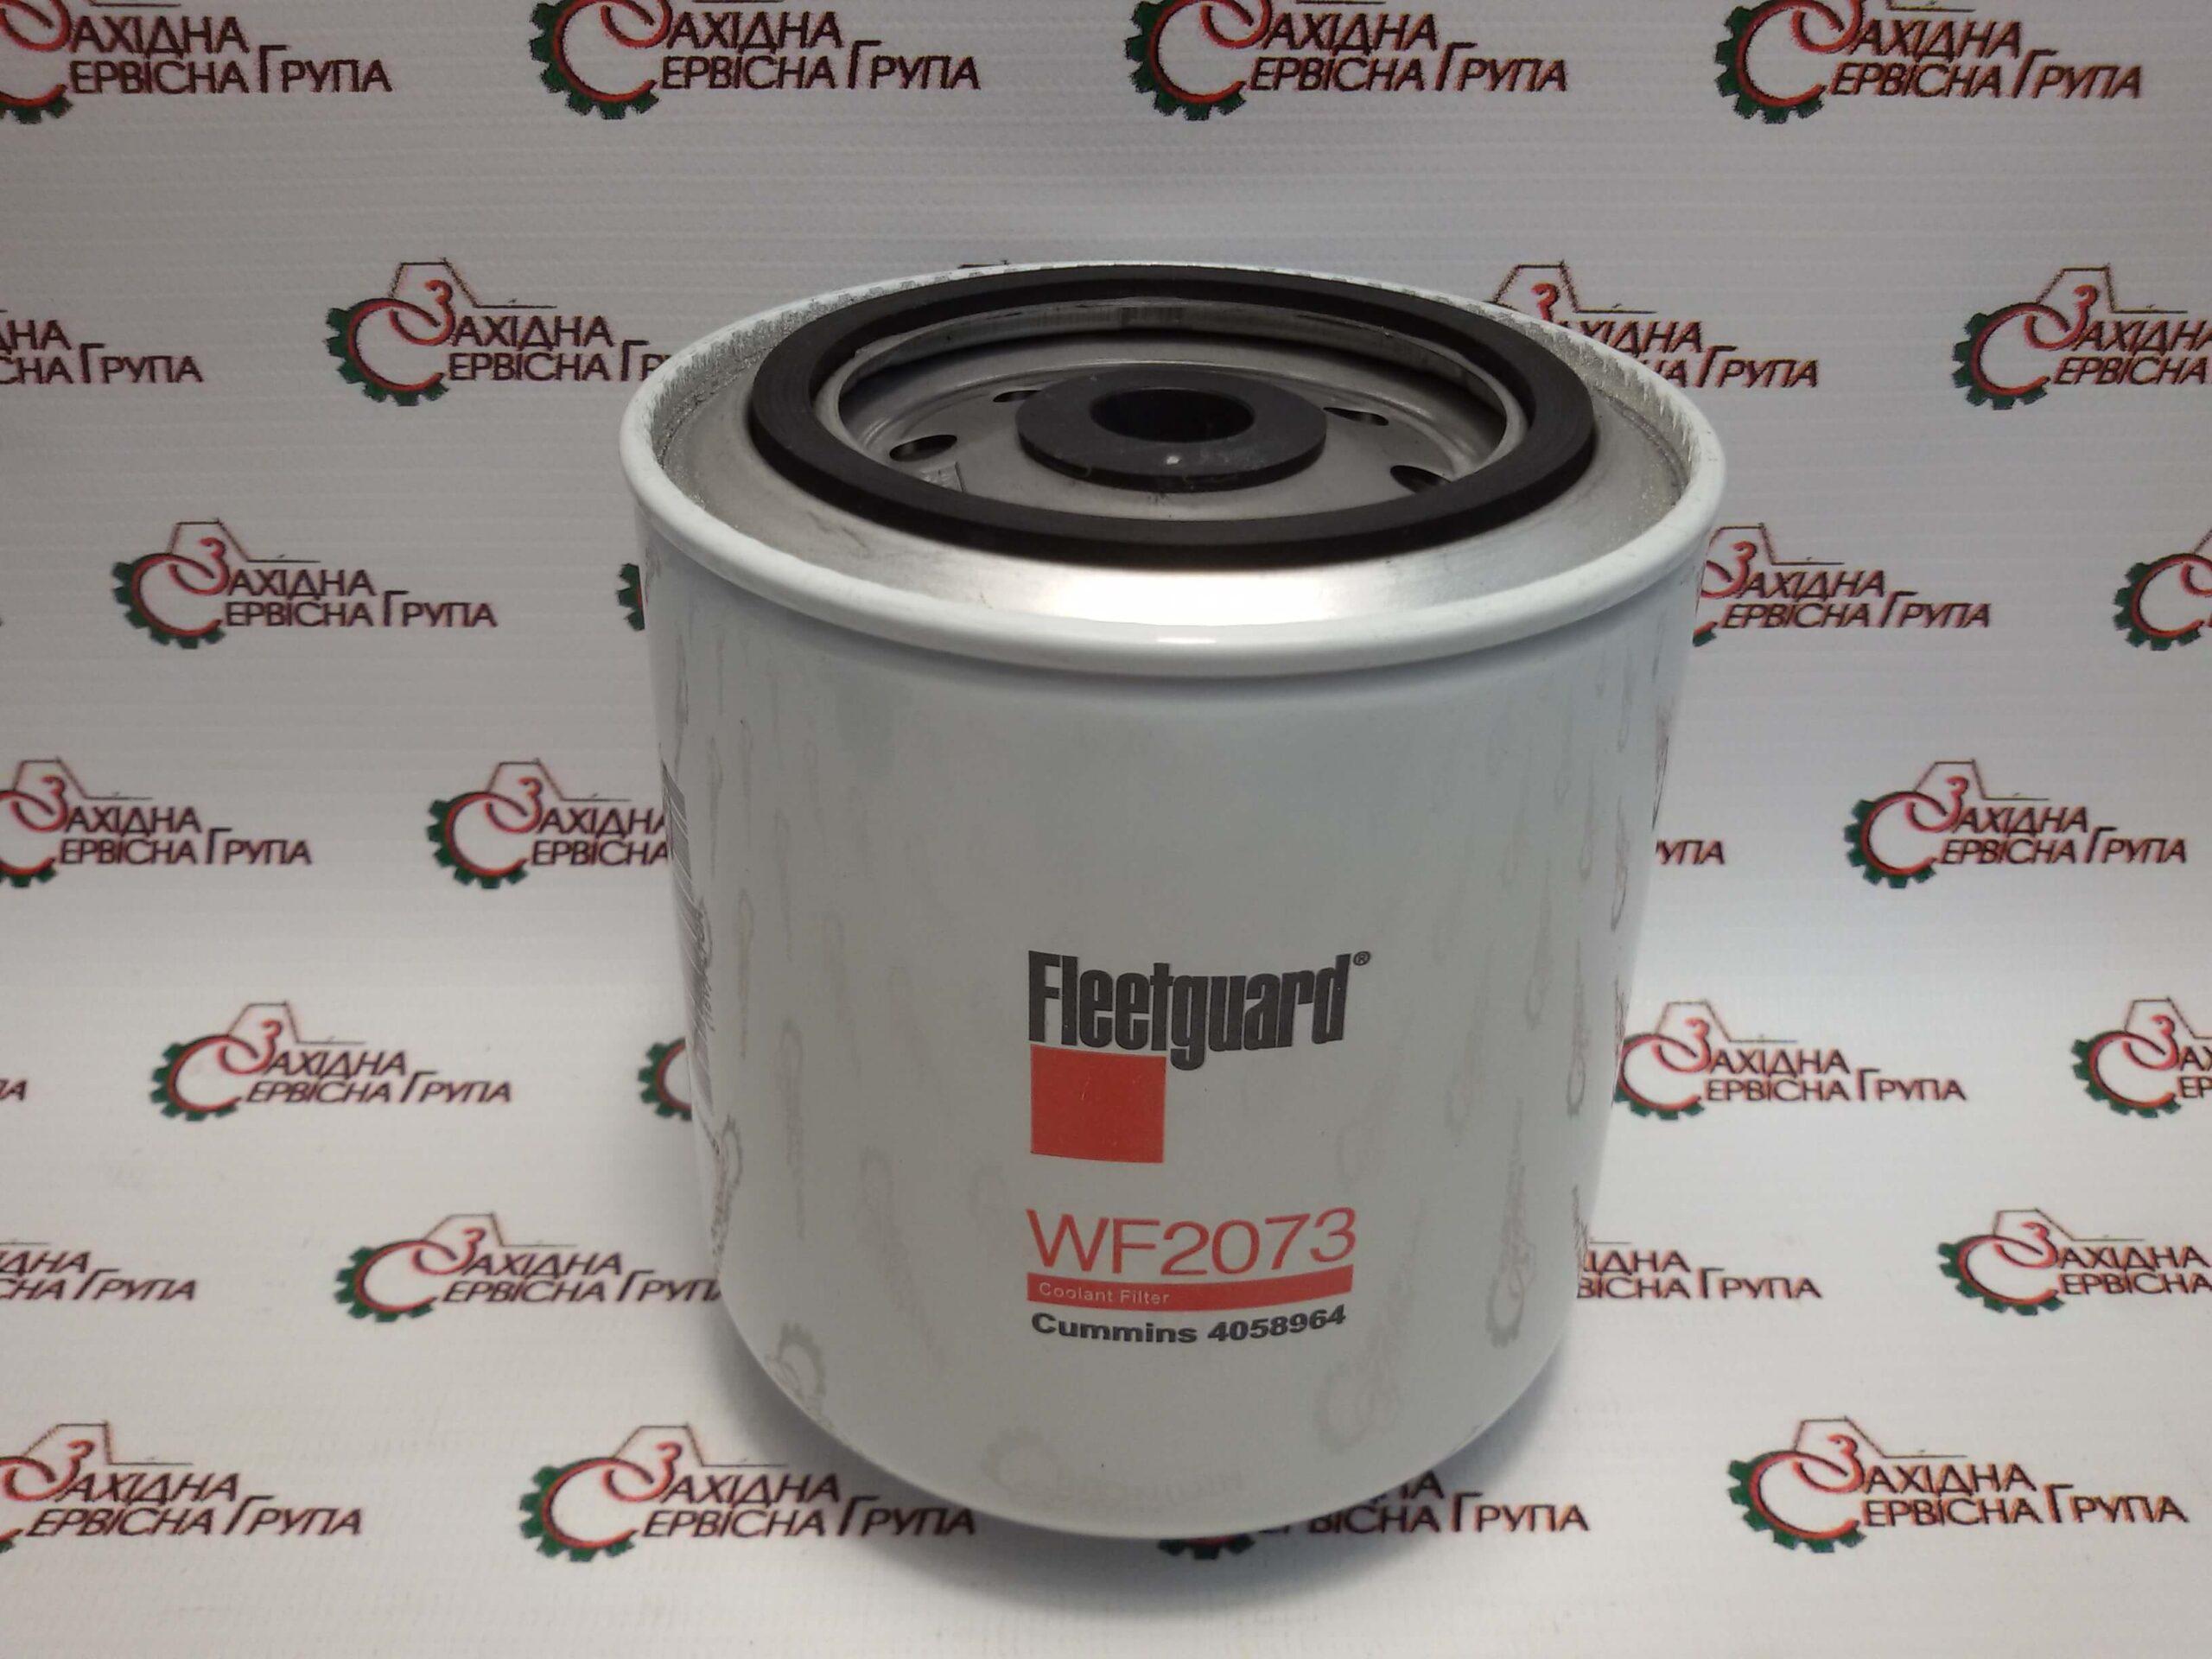 Фільтр охолоджуючої рідини Cummins Fleetguard WF2073, 4058964.